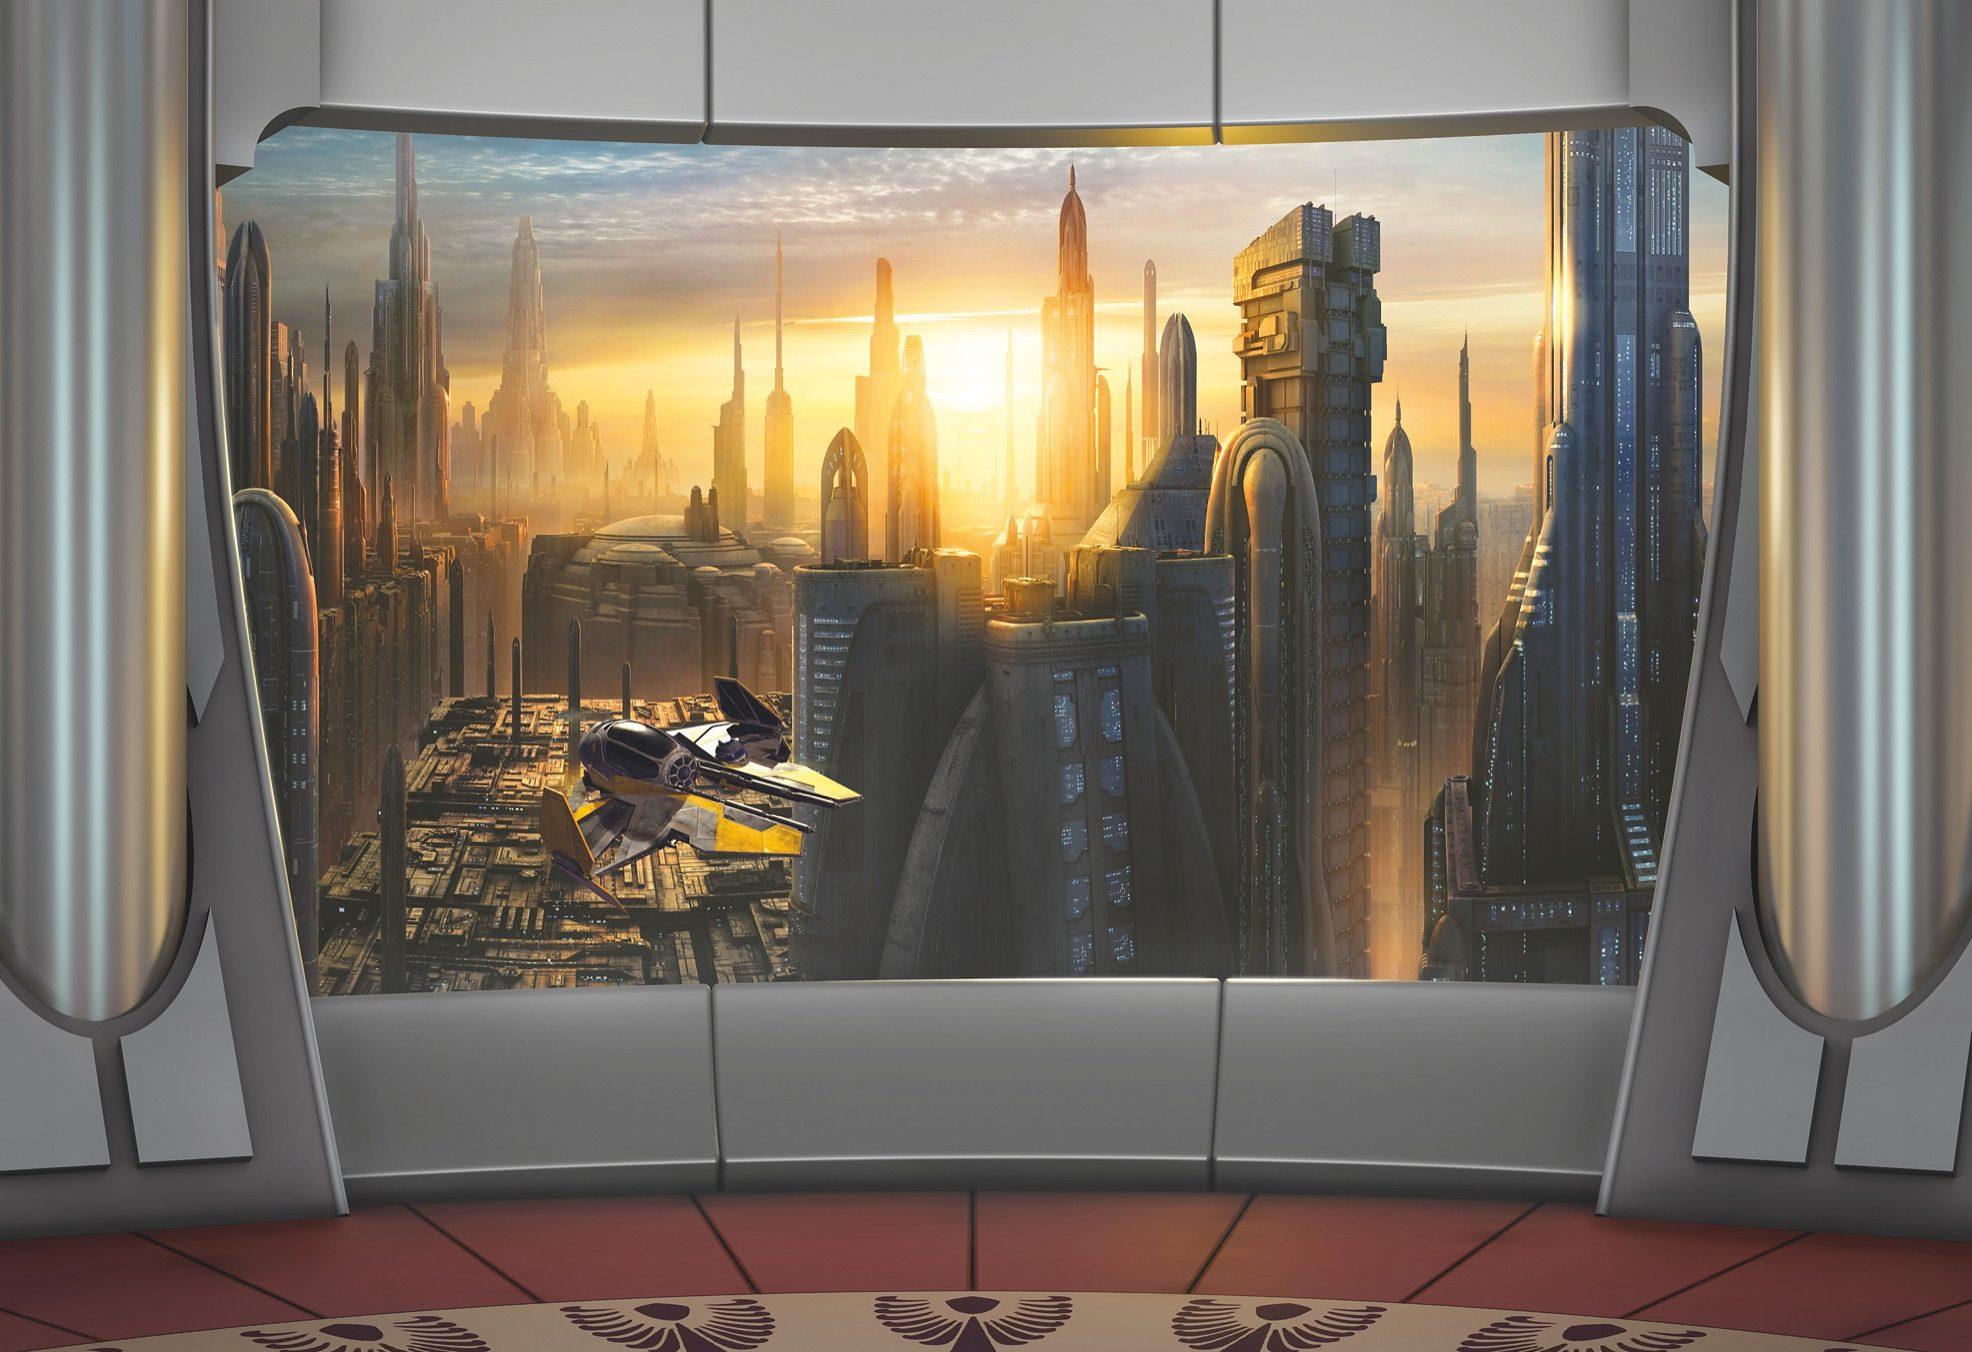 Papiertapete, Komar, »Star Wars Coruscant View«, 368/254 cm